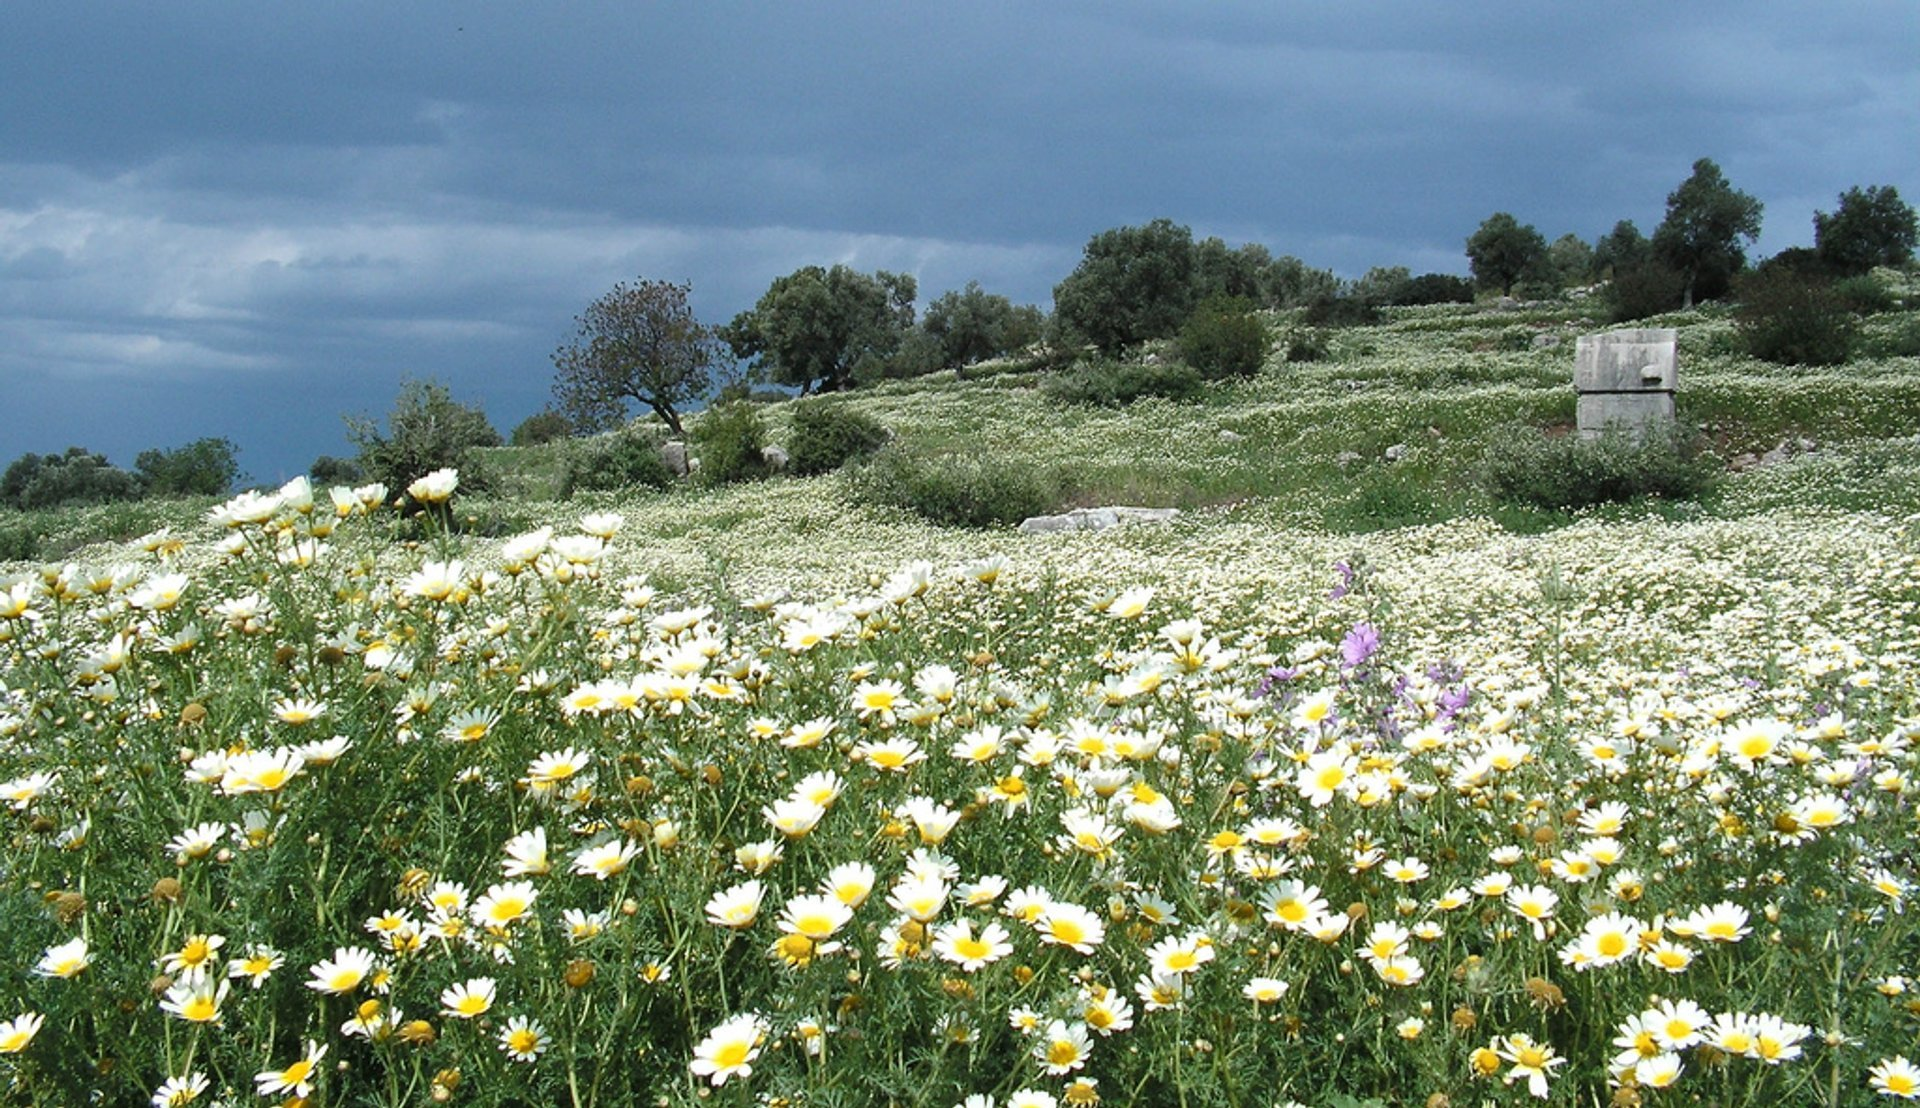 Daisy field in Patara, Kas District, Turkey 2020